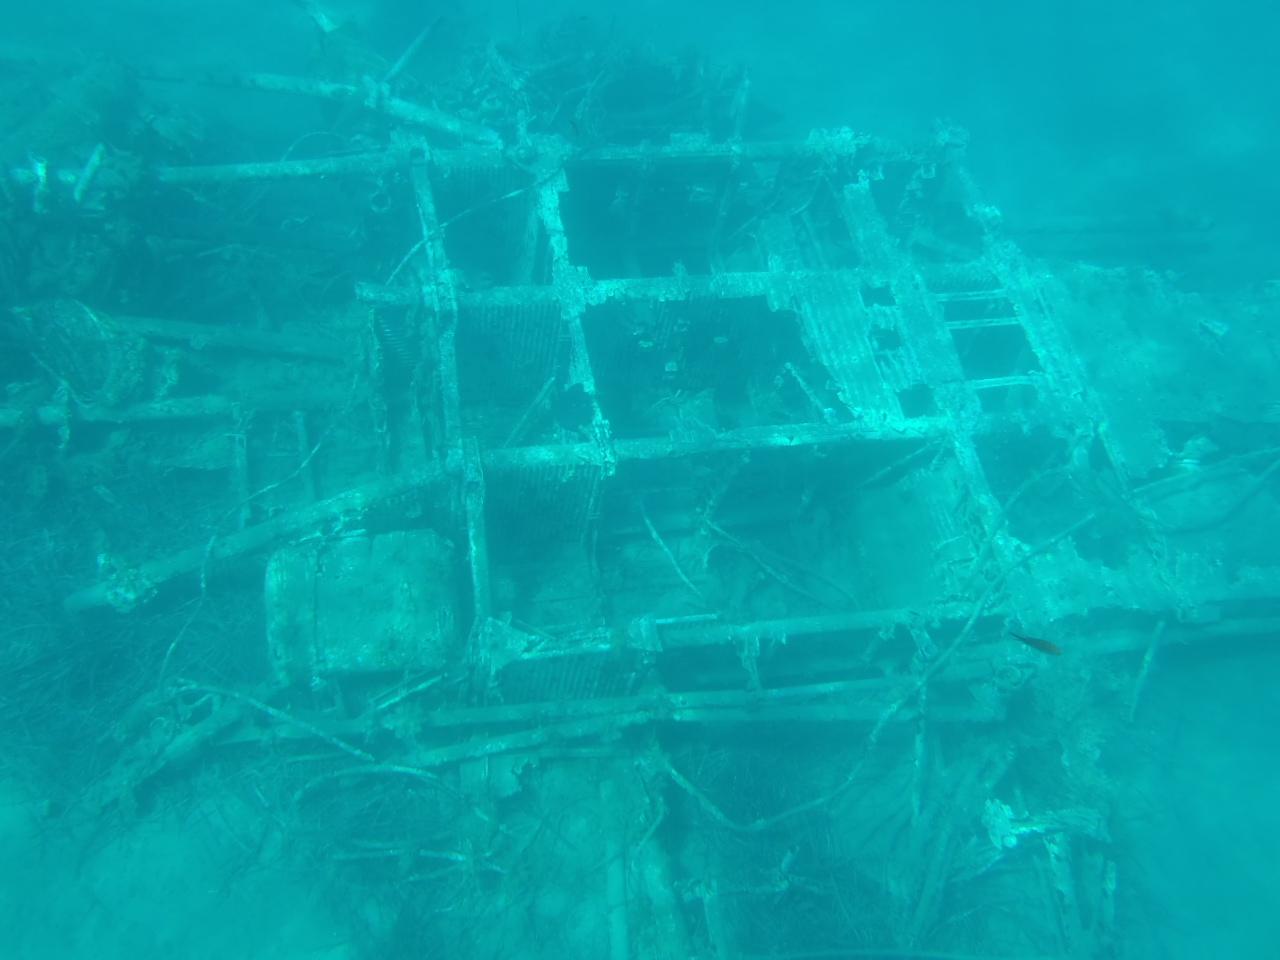 Structure Sunk Underwater